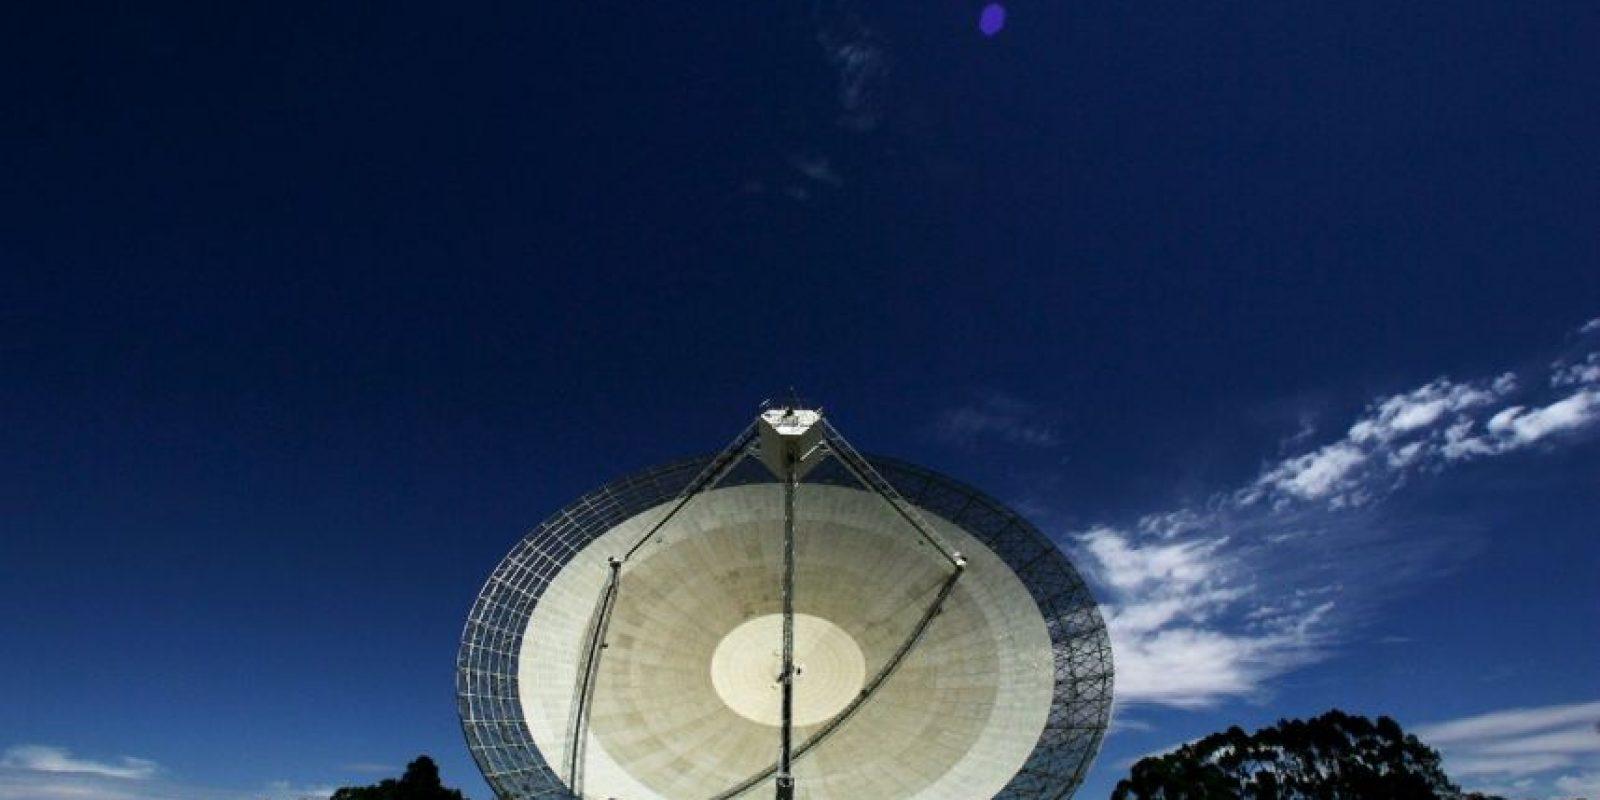 Fue una de varias antenas de radio utilizadas para recibir, imágenes en directo por televisión del alunizaje del Apolo 11 el 20 de julio de 1969. Foto:Getty Images